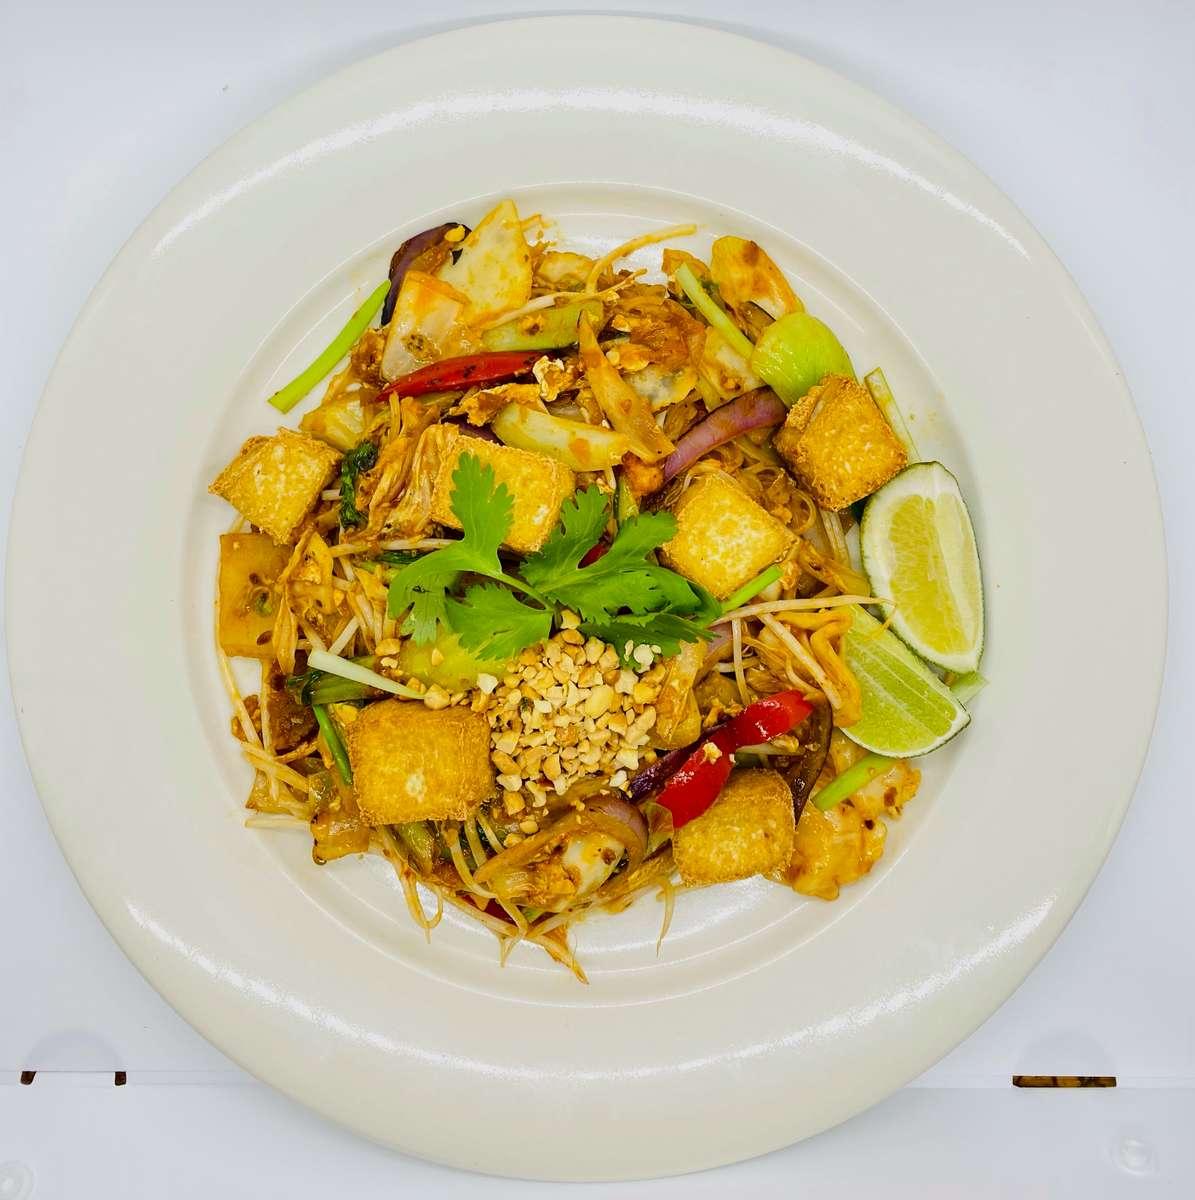 18V: Vegetable Pad Thai